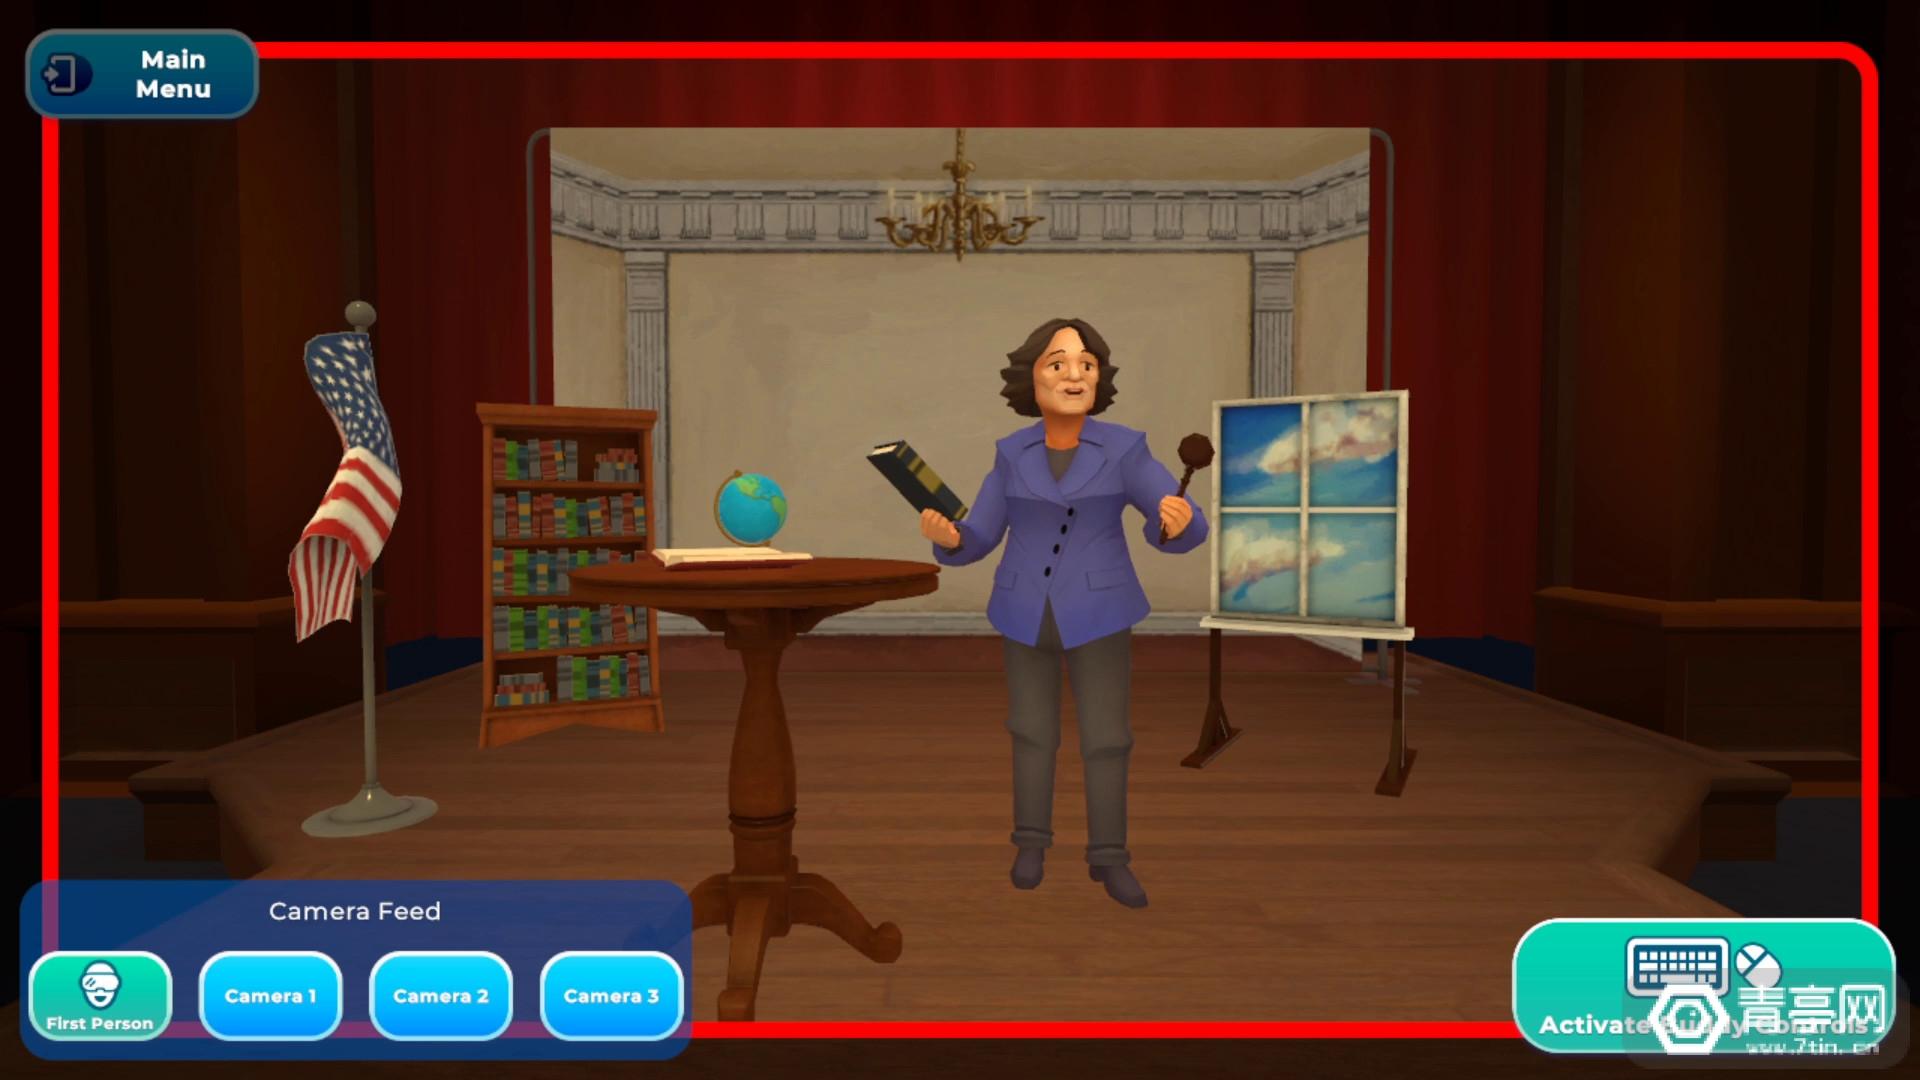 Schell Games推VR教育应用《HistoryMaker VR》